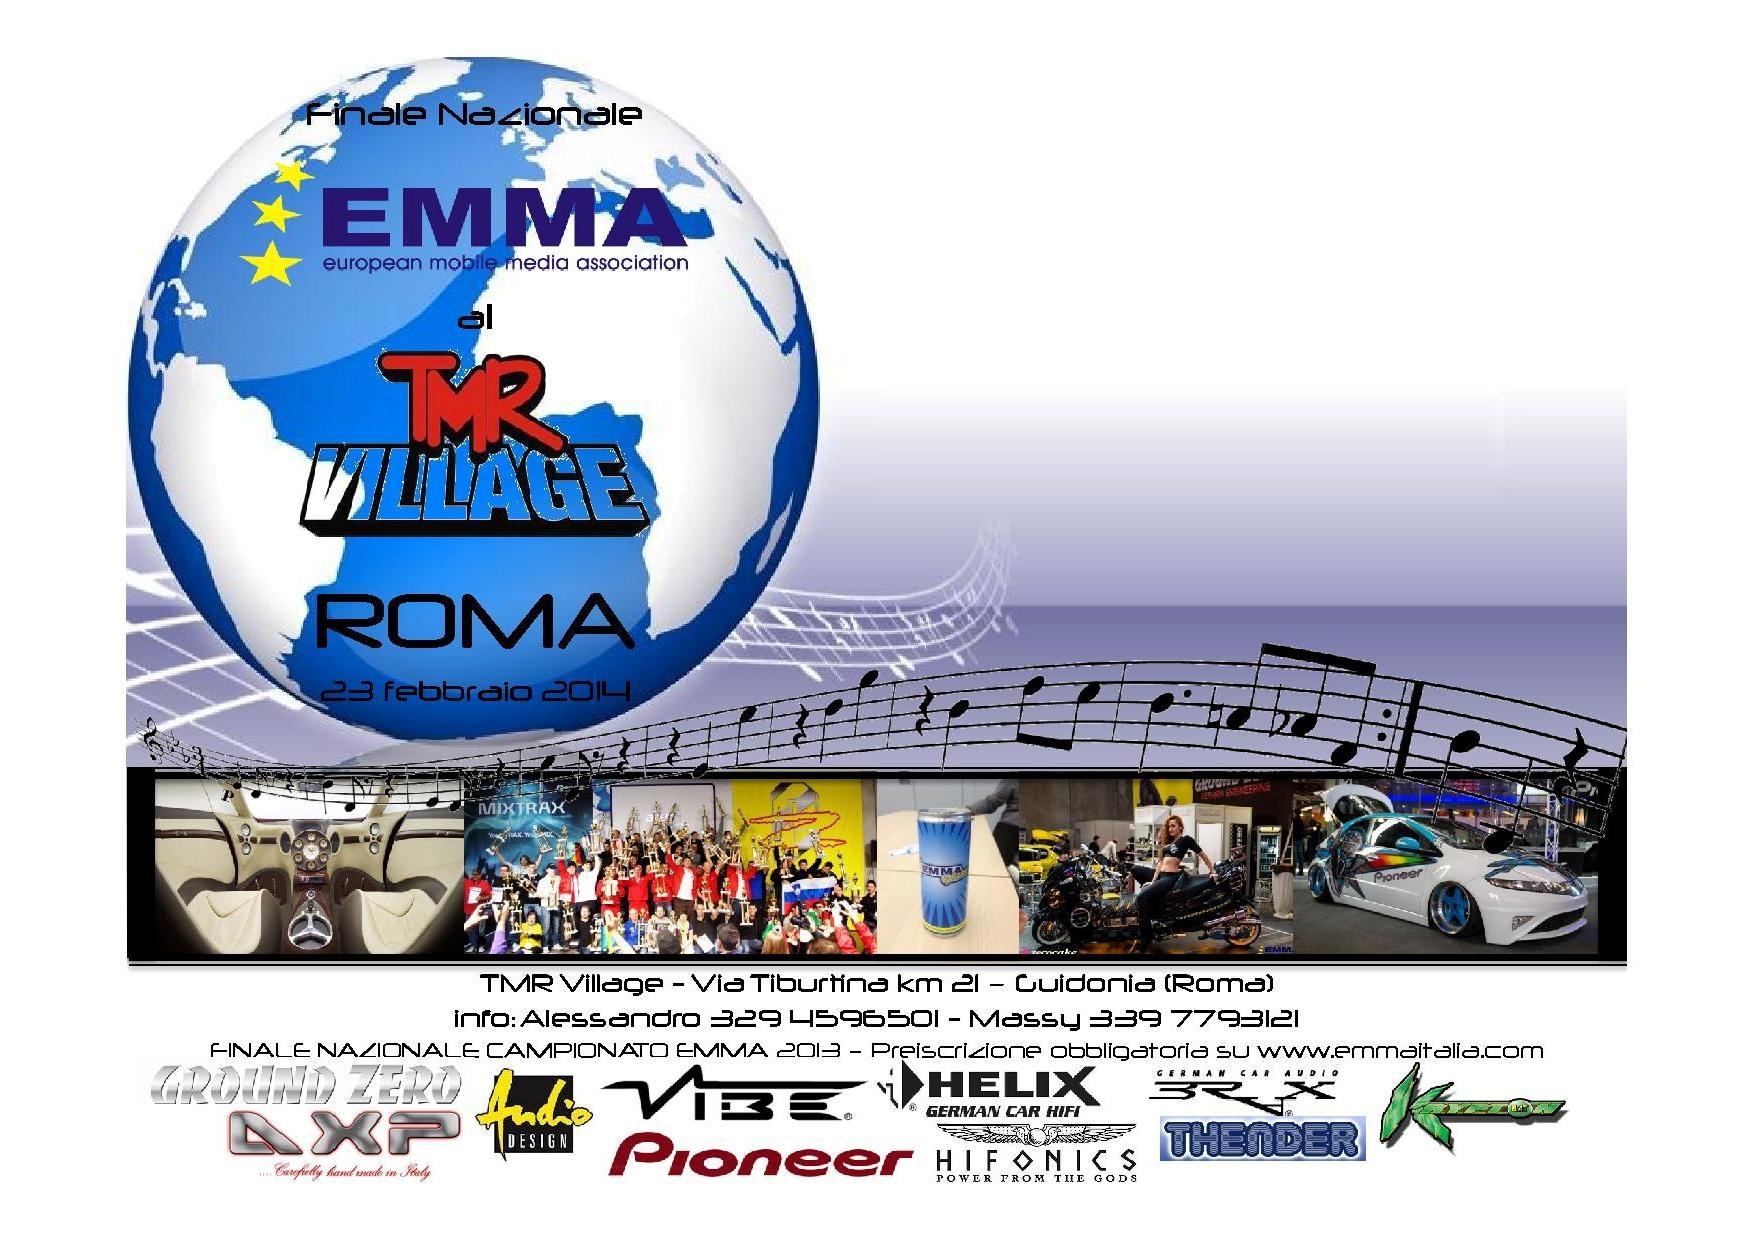 Flyer_EMMA_finale_TMR.jpg